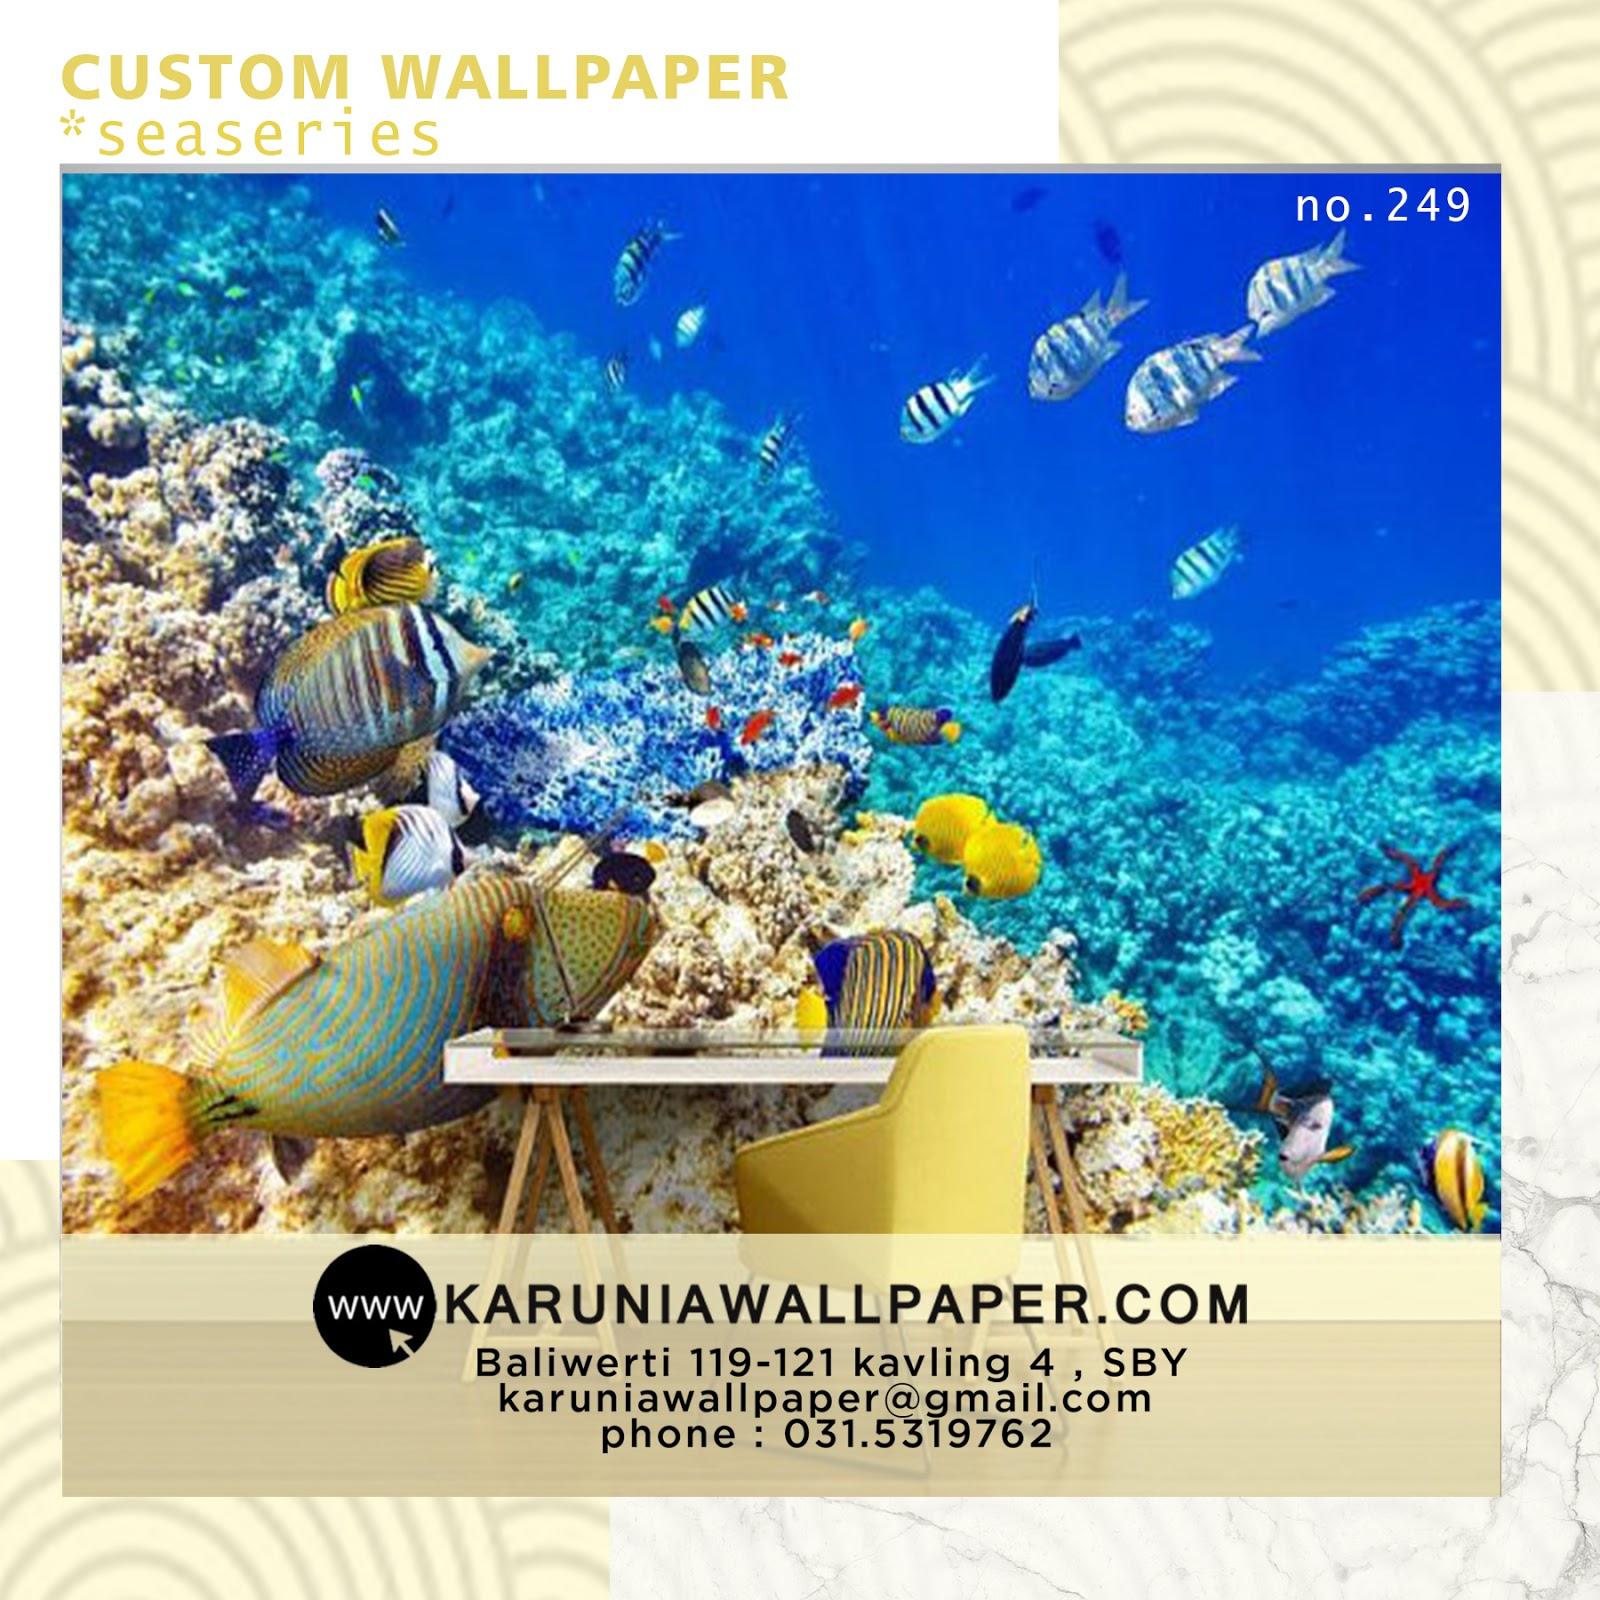 buat wallpaper custom sendiri